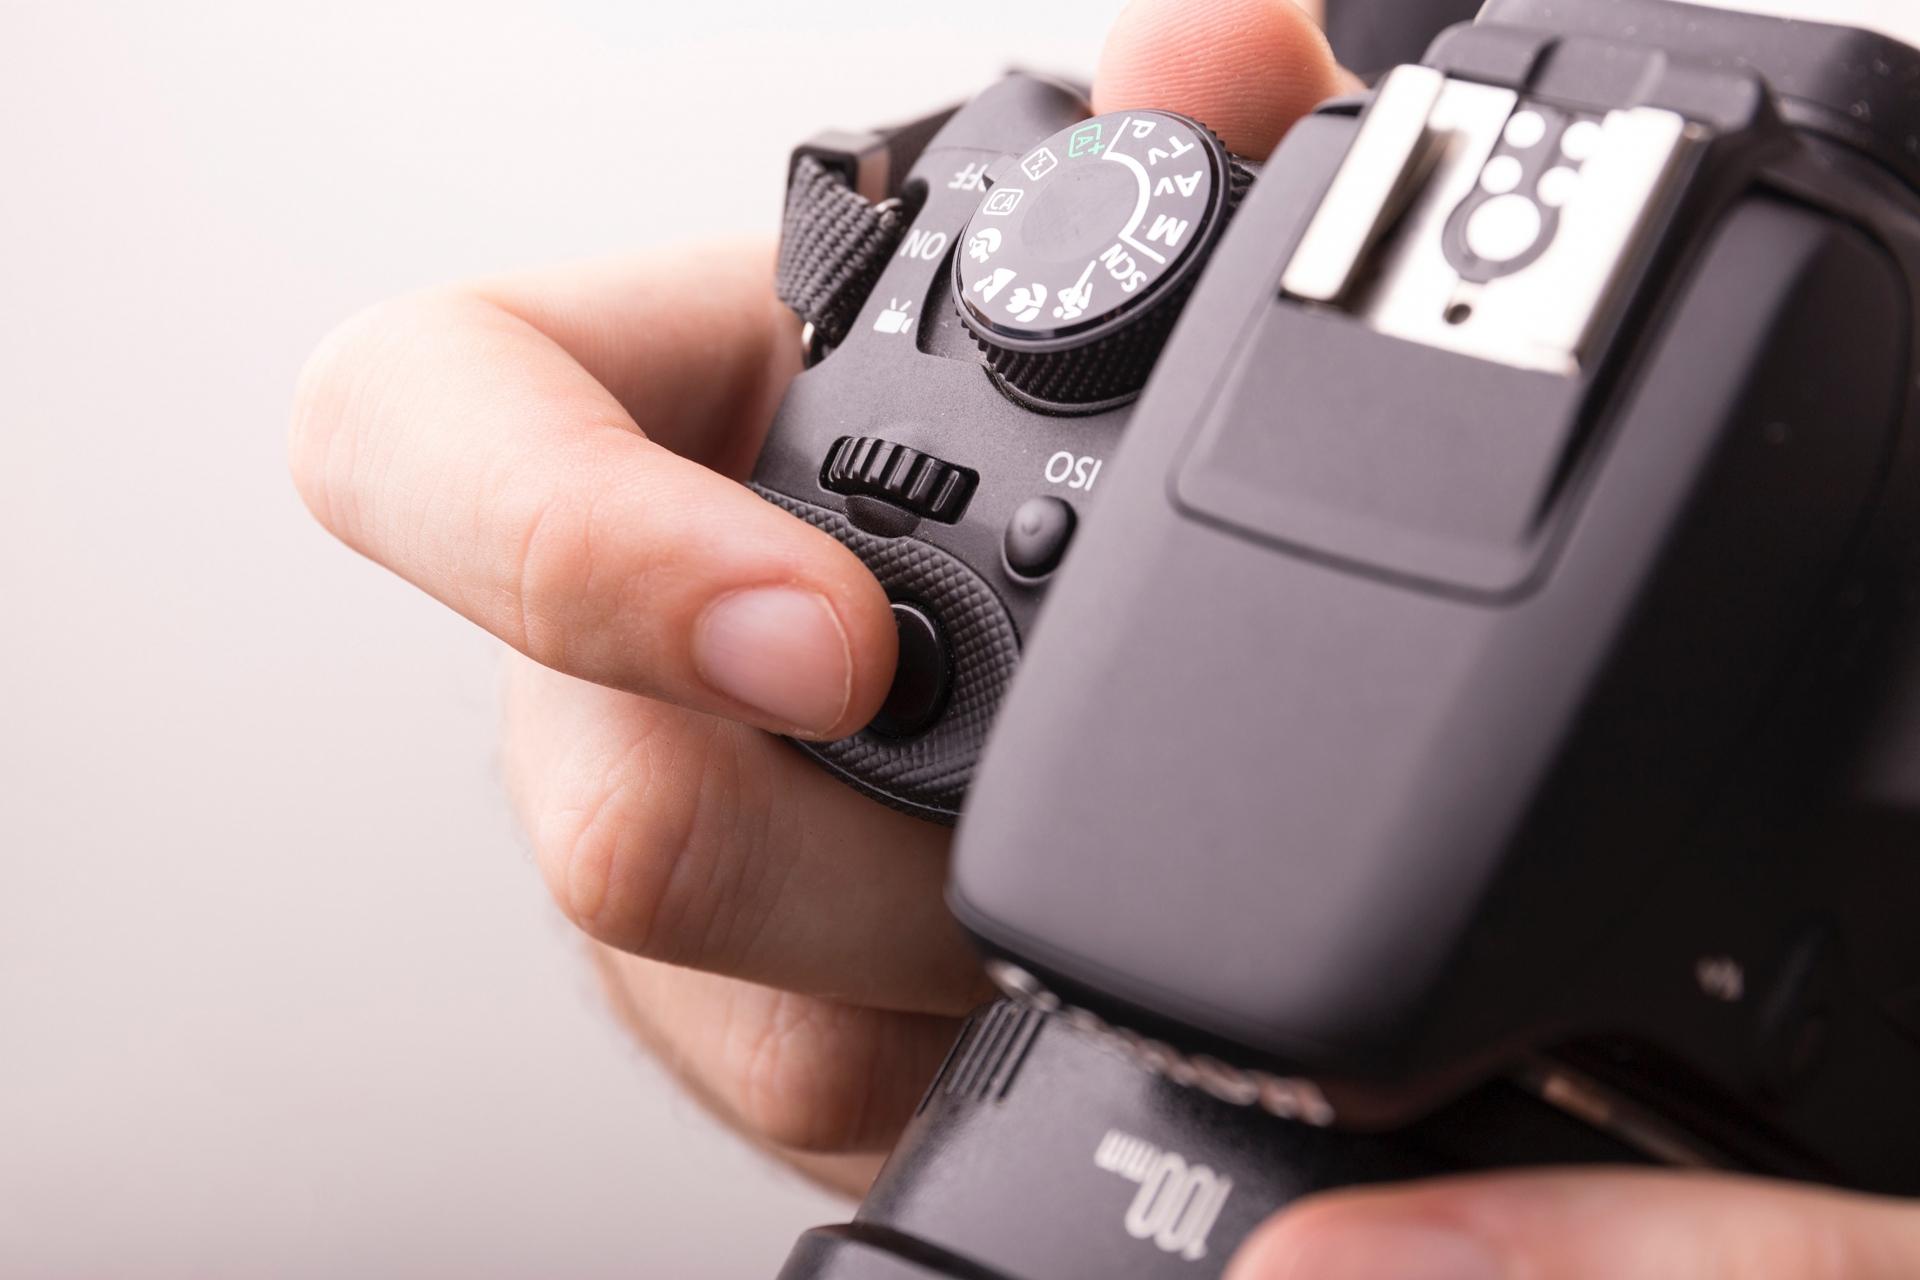 鎌倉で和服の女の子盗撮するカメラおじさんがいるので